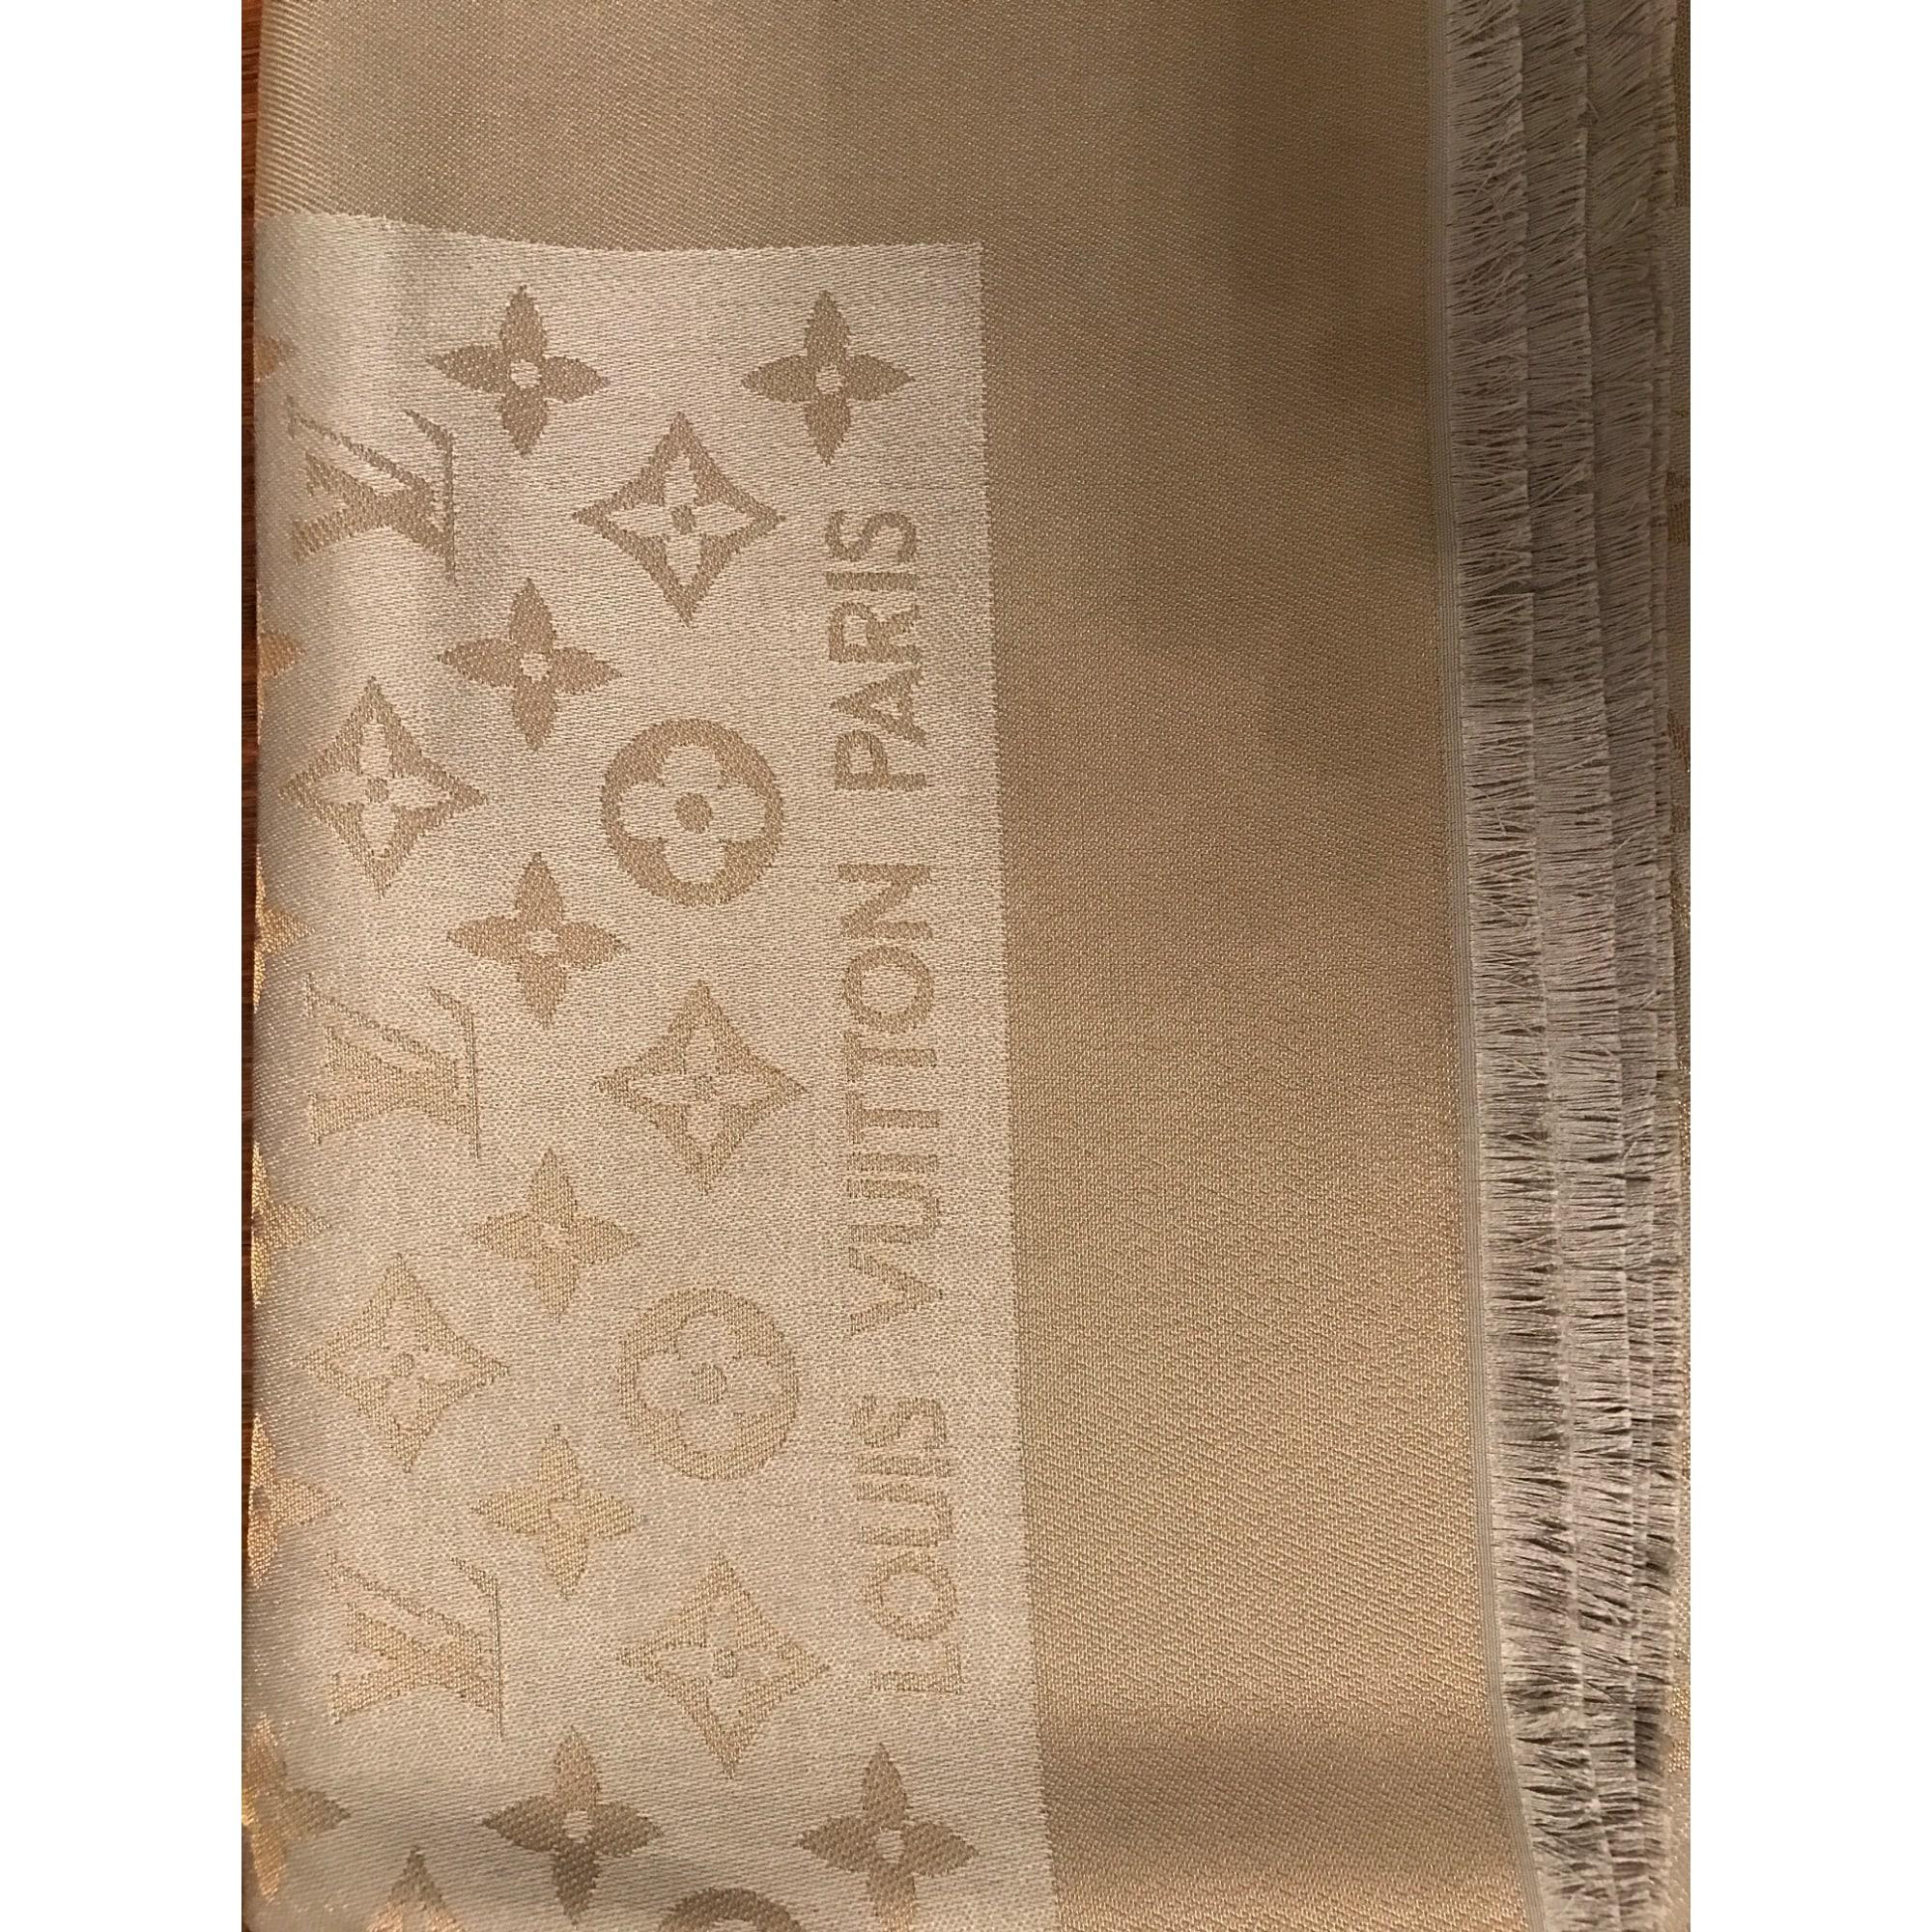 Châle LOUIS VUITTON beige vendu par Bunyamin - 5889982 d2dbdf1f736